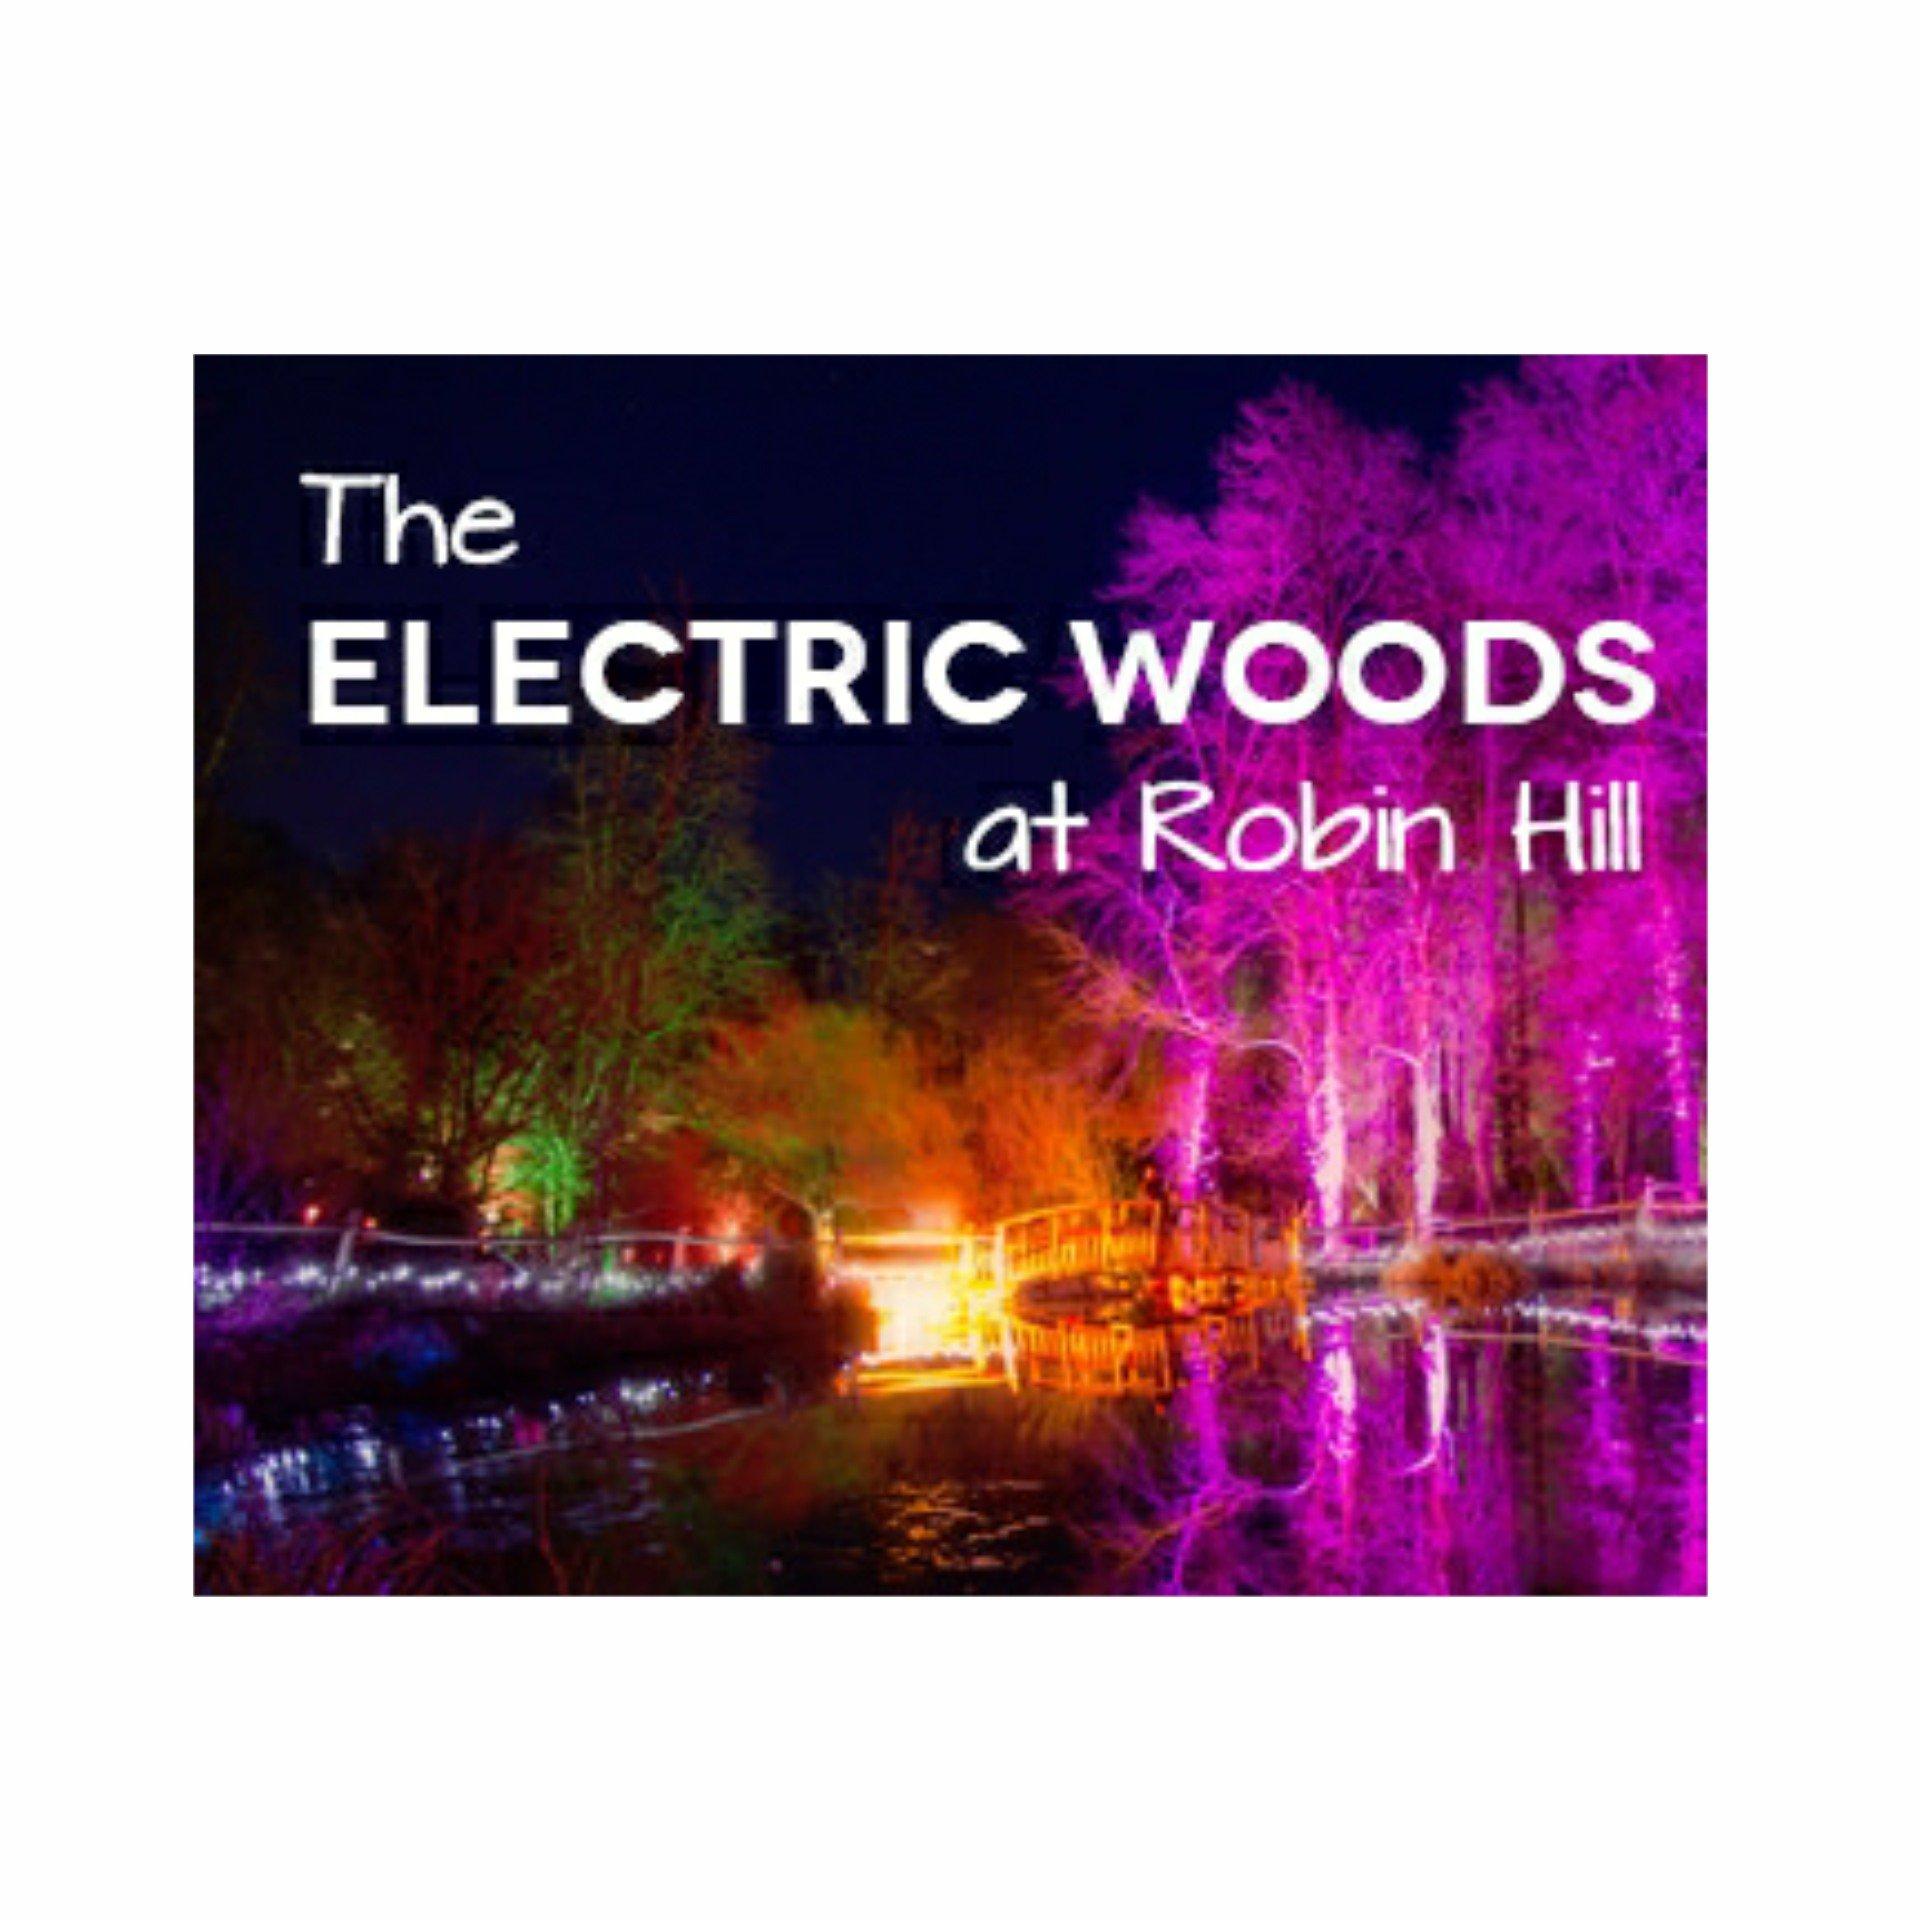 Robin Hill's